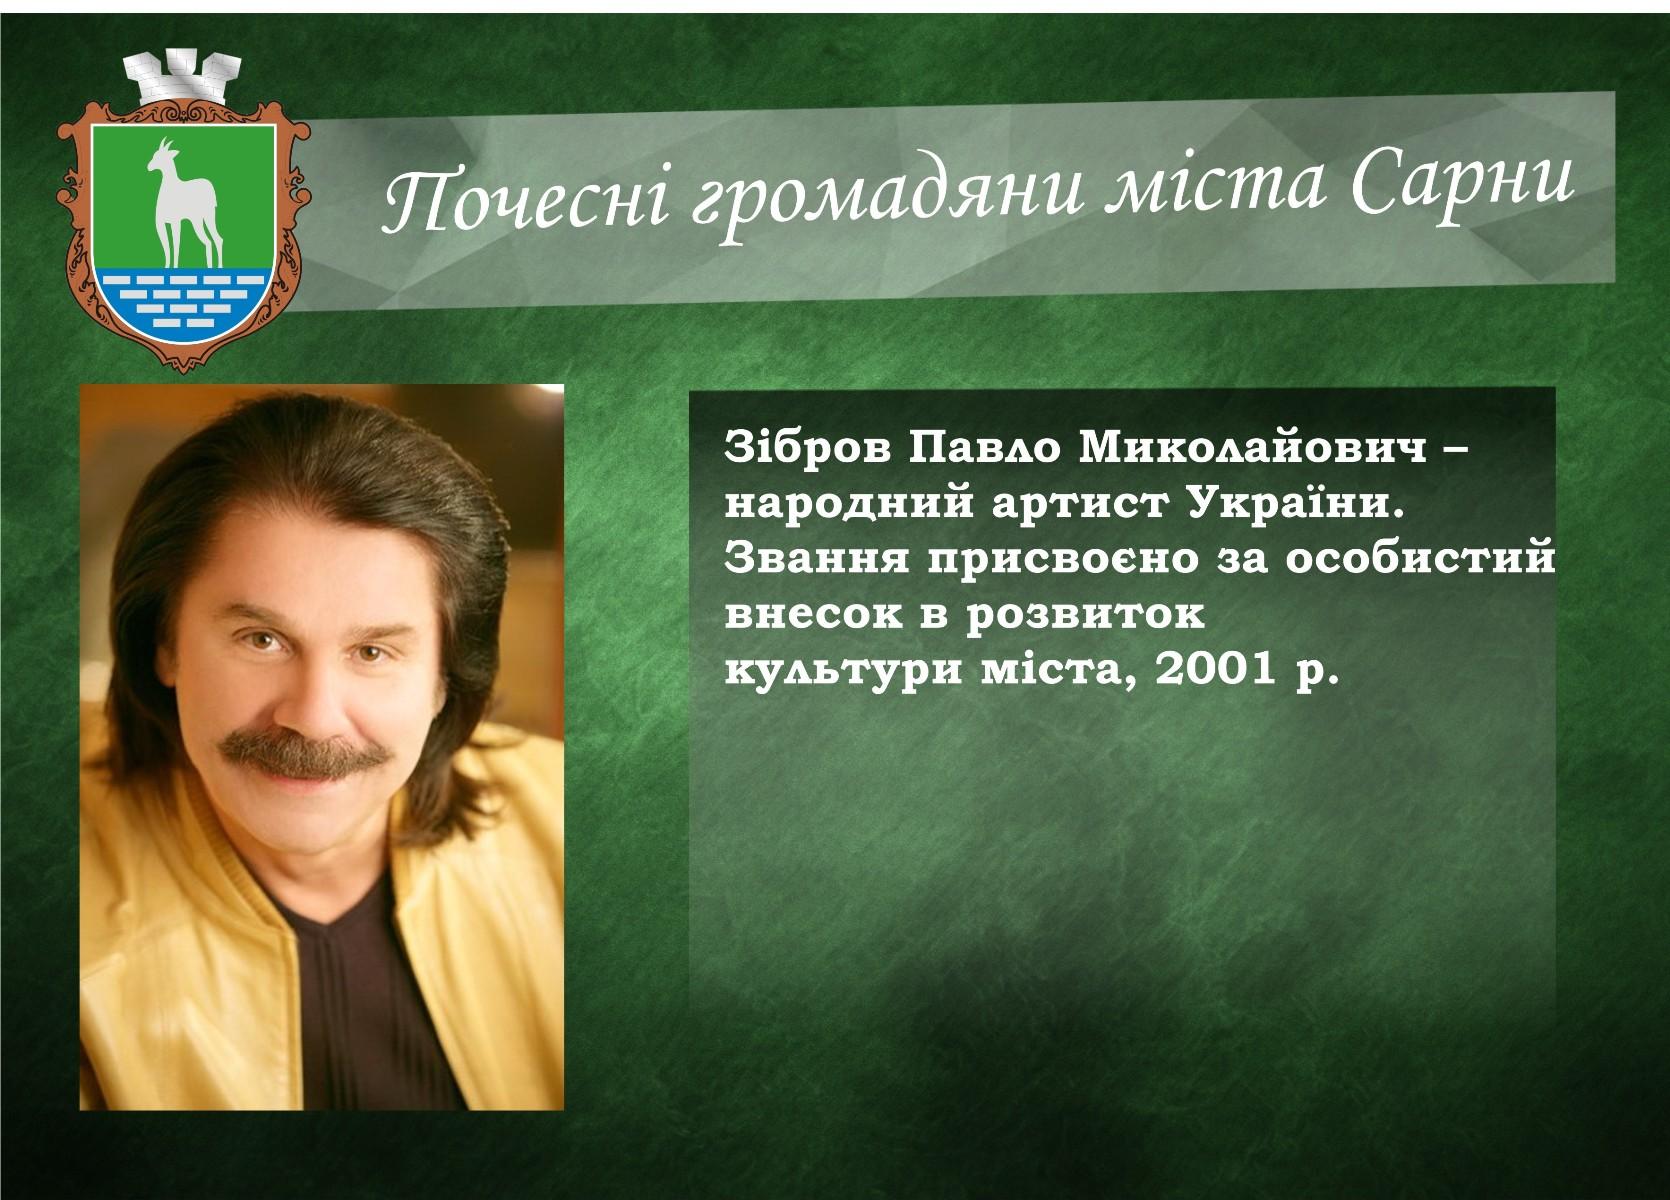 Зібров Павло Миколайович